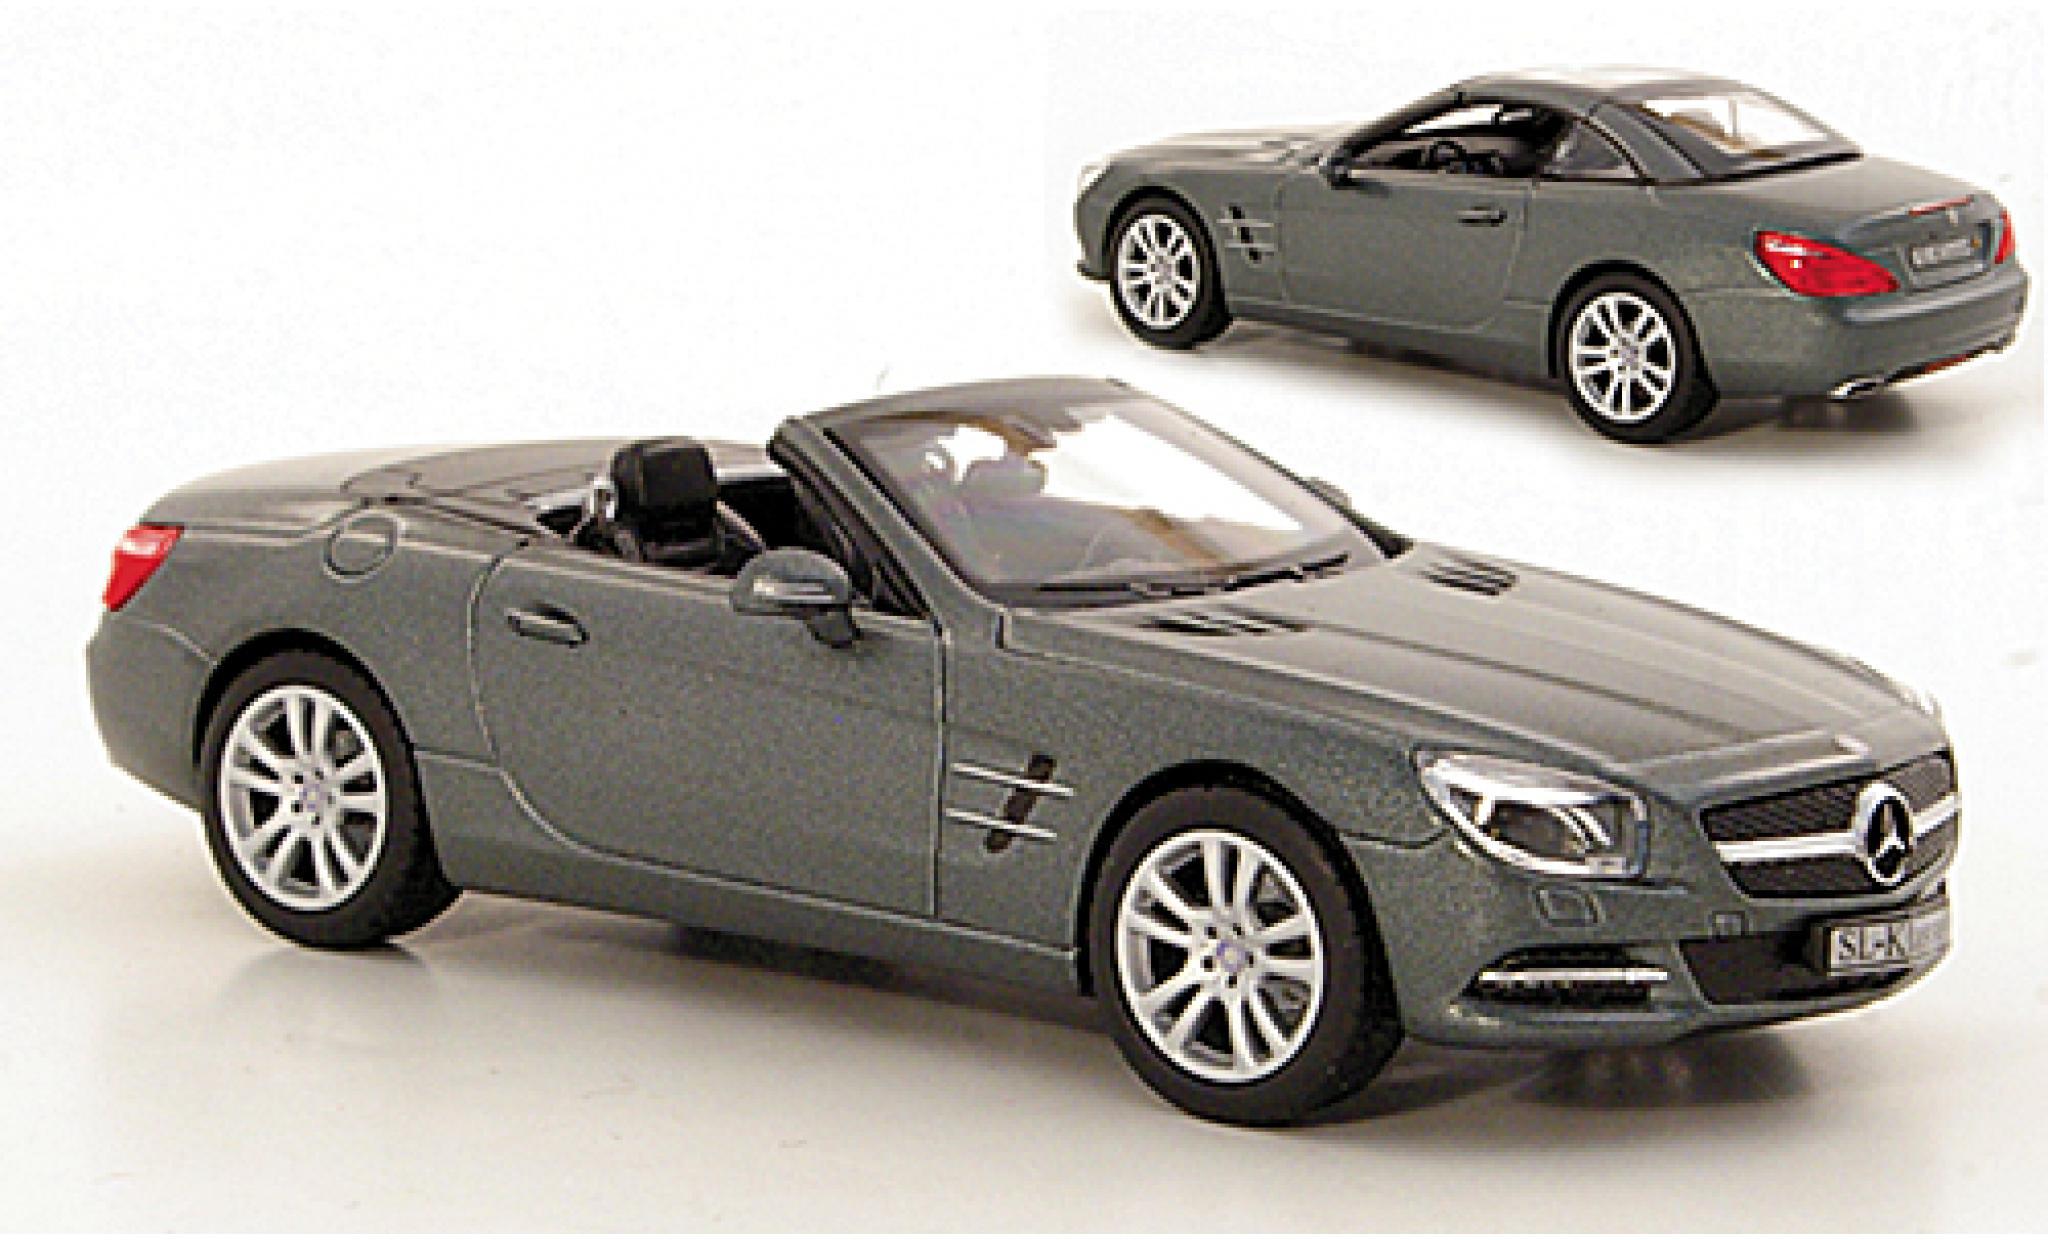 Mercedes Classe SL 1/43 I Norev (R231) metallise grise 2012 toit � aufsetzen couché avec